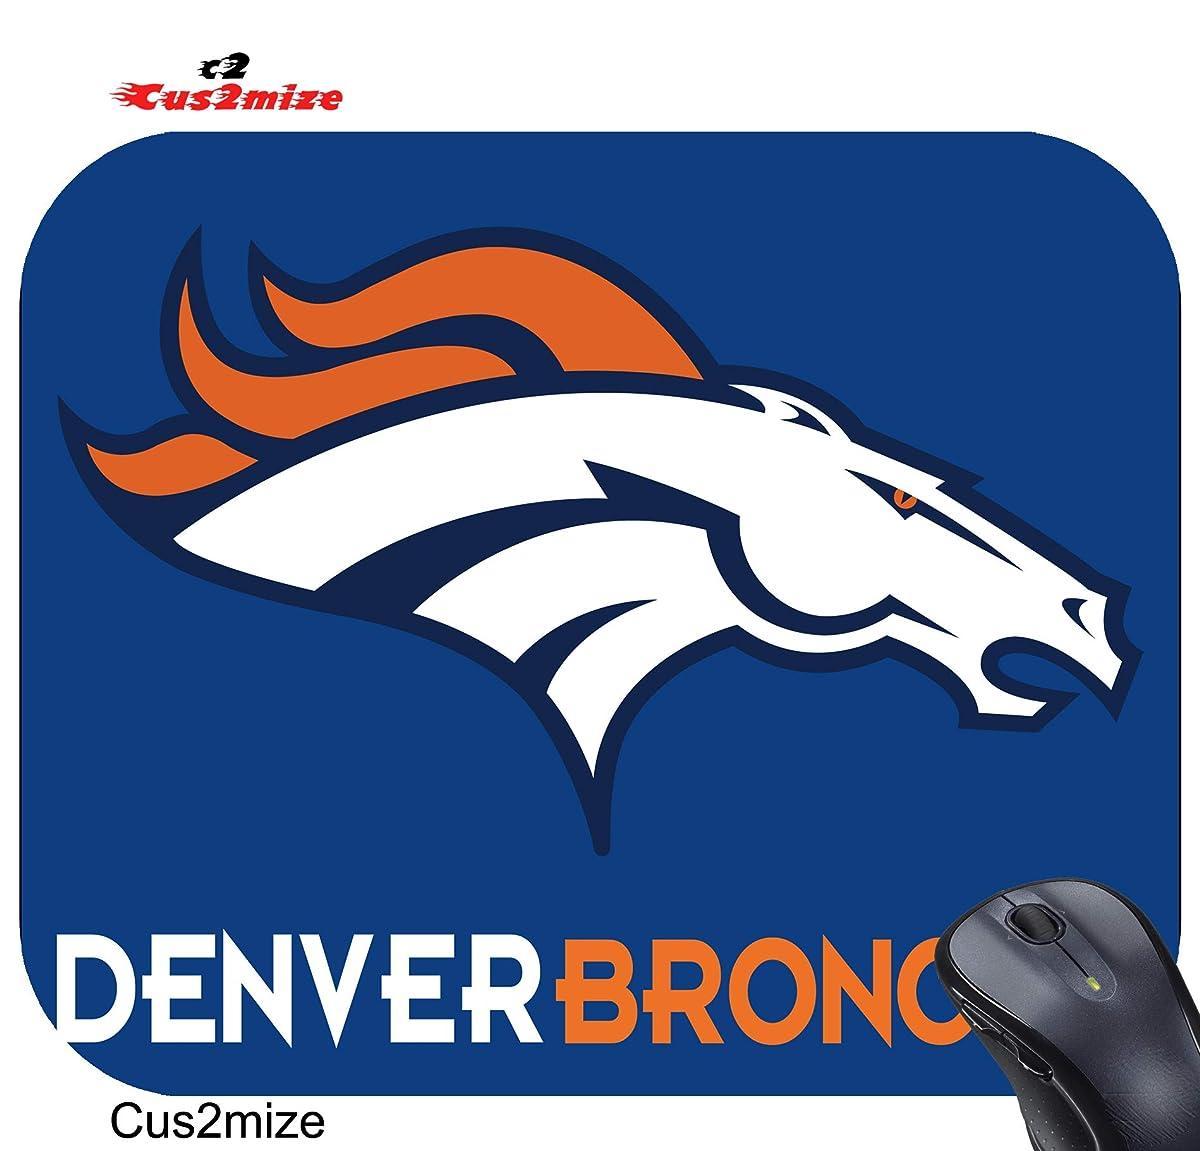 Denver Broncos Mouse Pad Denver Broncos Mousepad, Sold Cus2mize 0719896136983